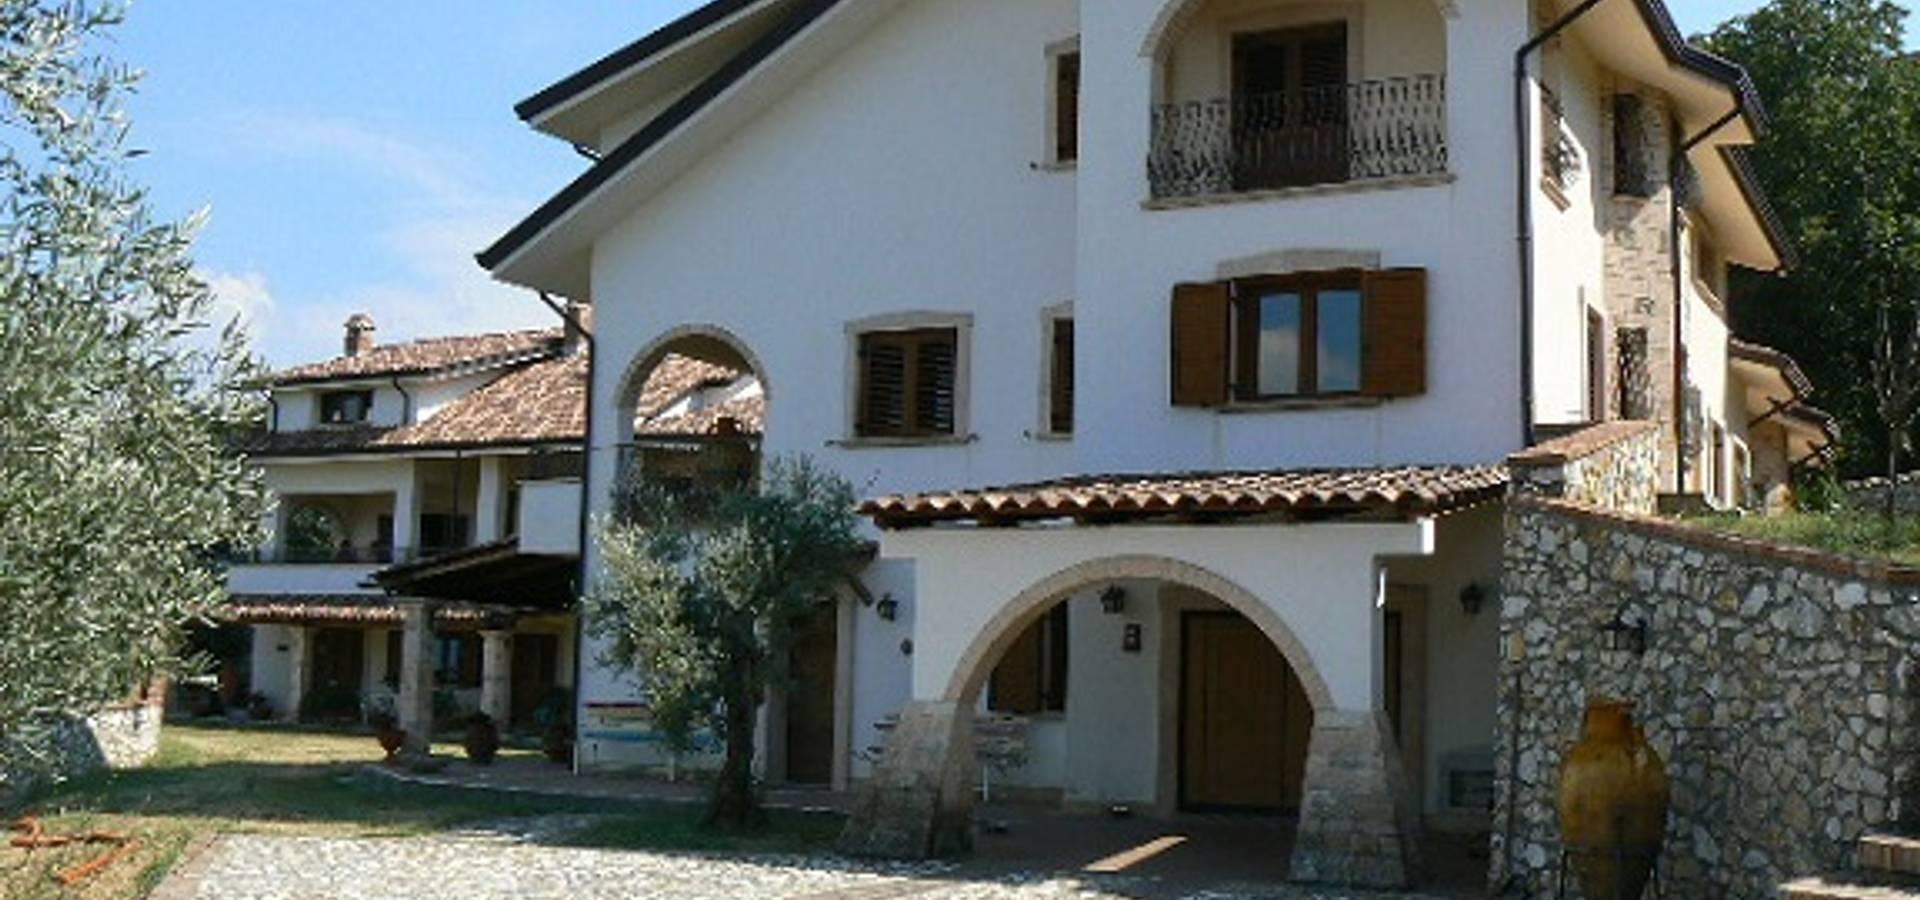 Casa in legno profesjonalista architetto giovanni marra for Case di architettura spagnola